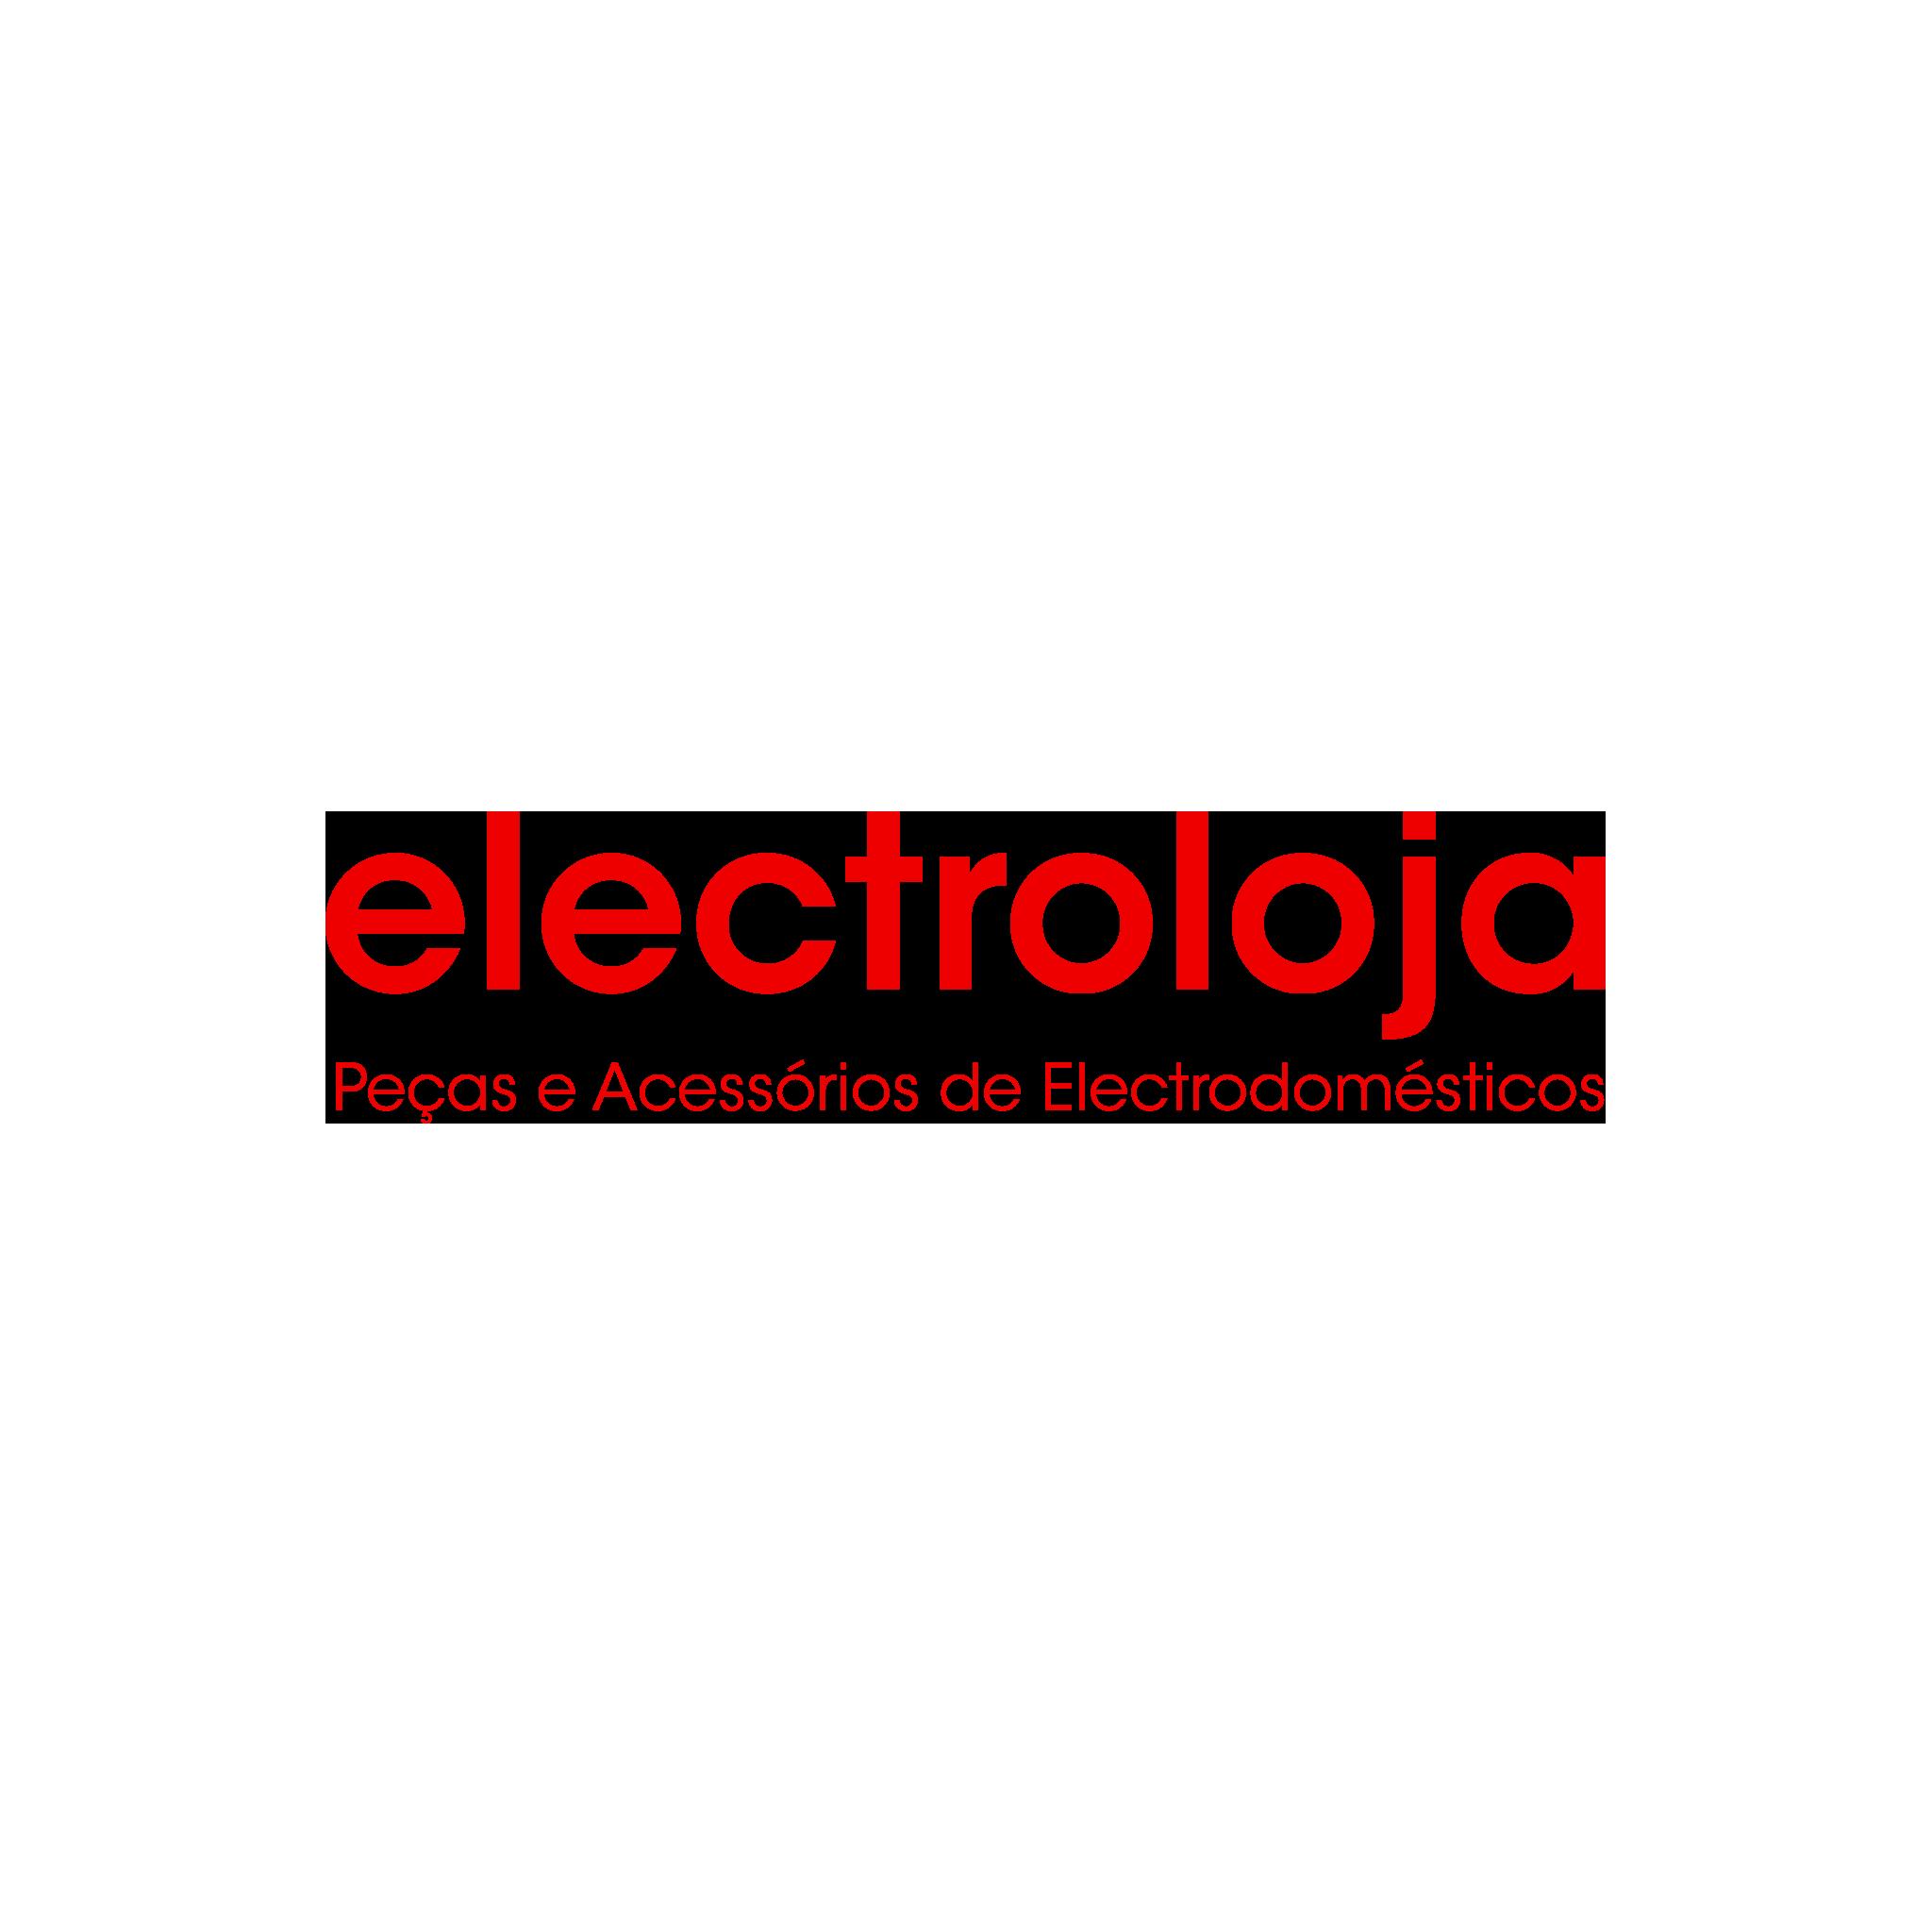 Electroloja